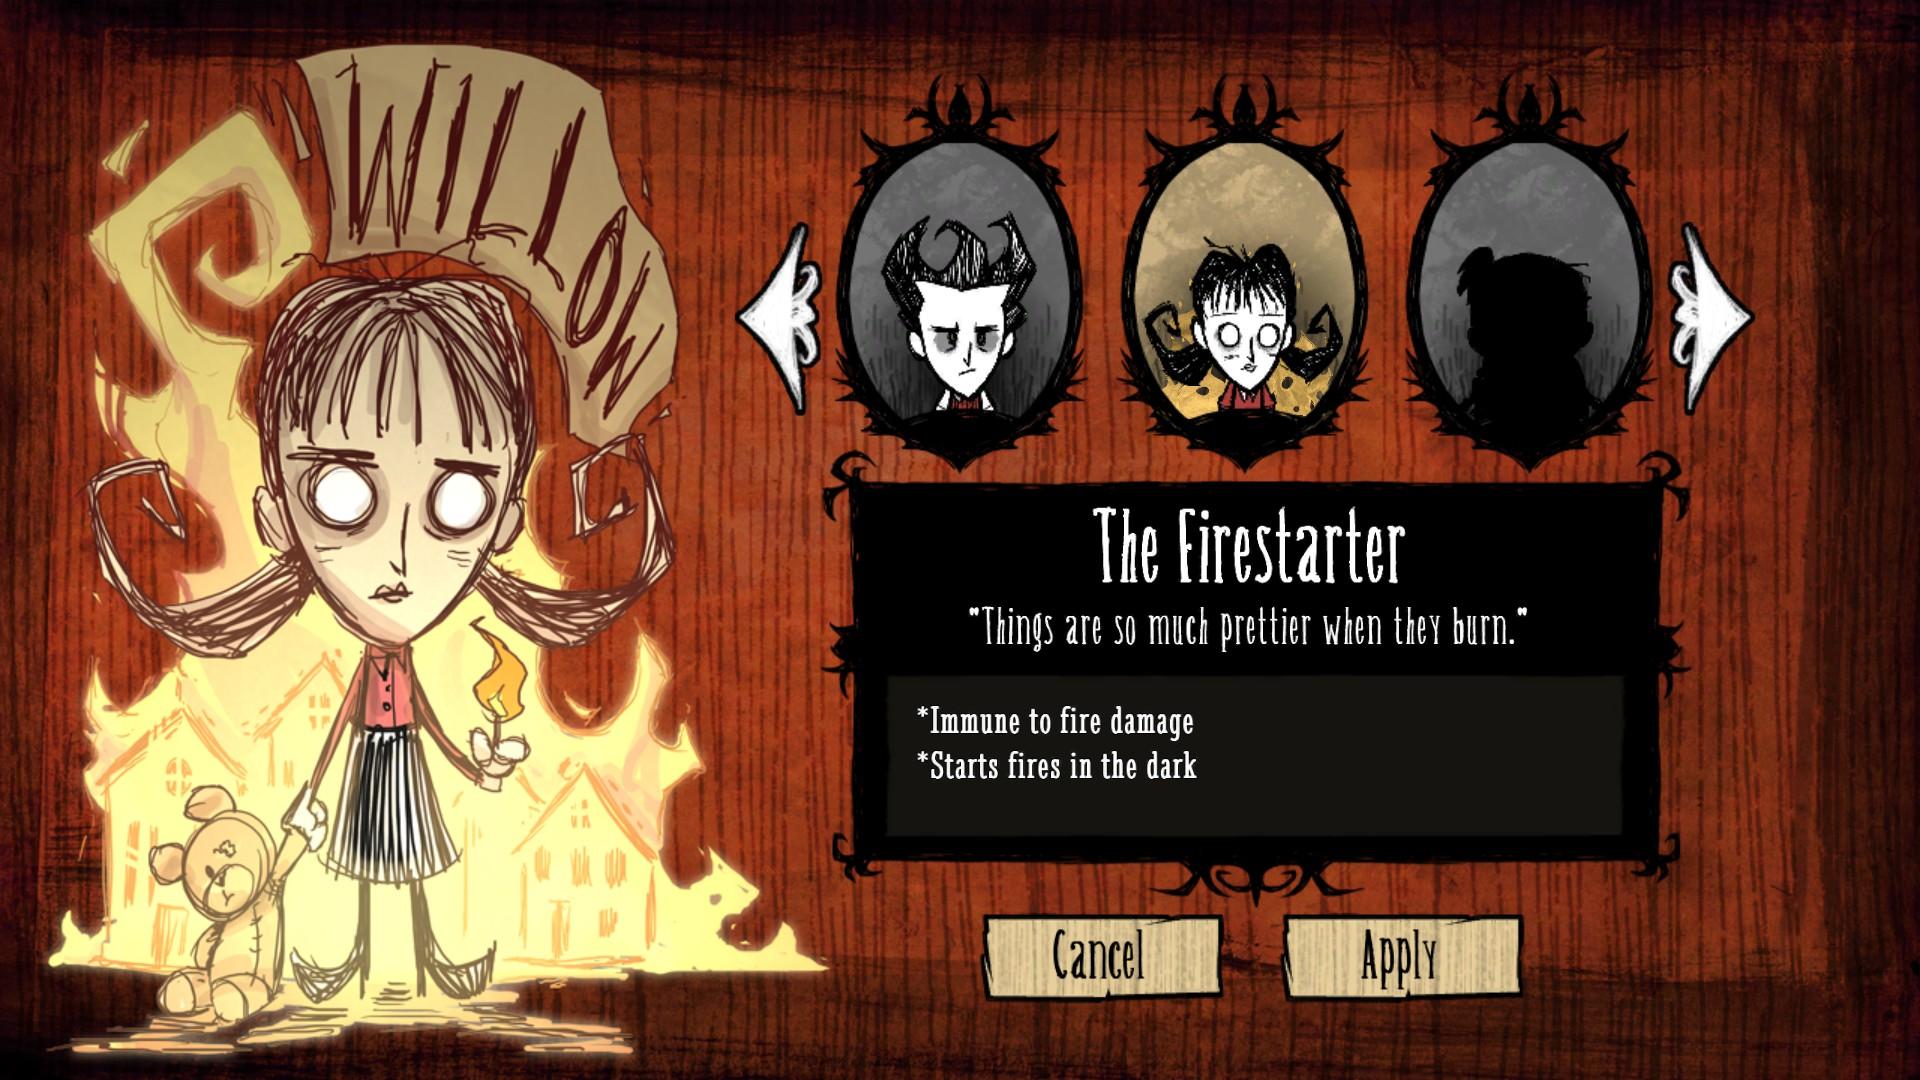 The Firestarter